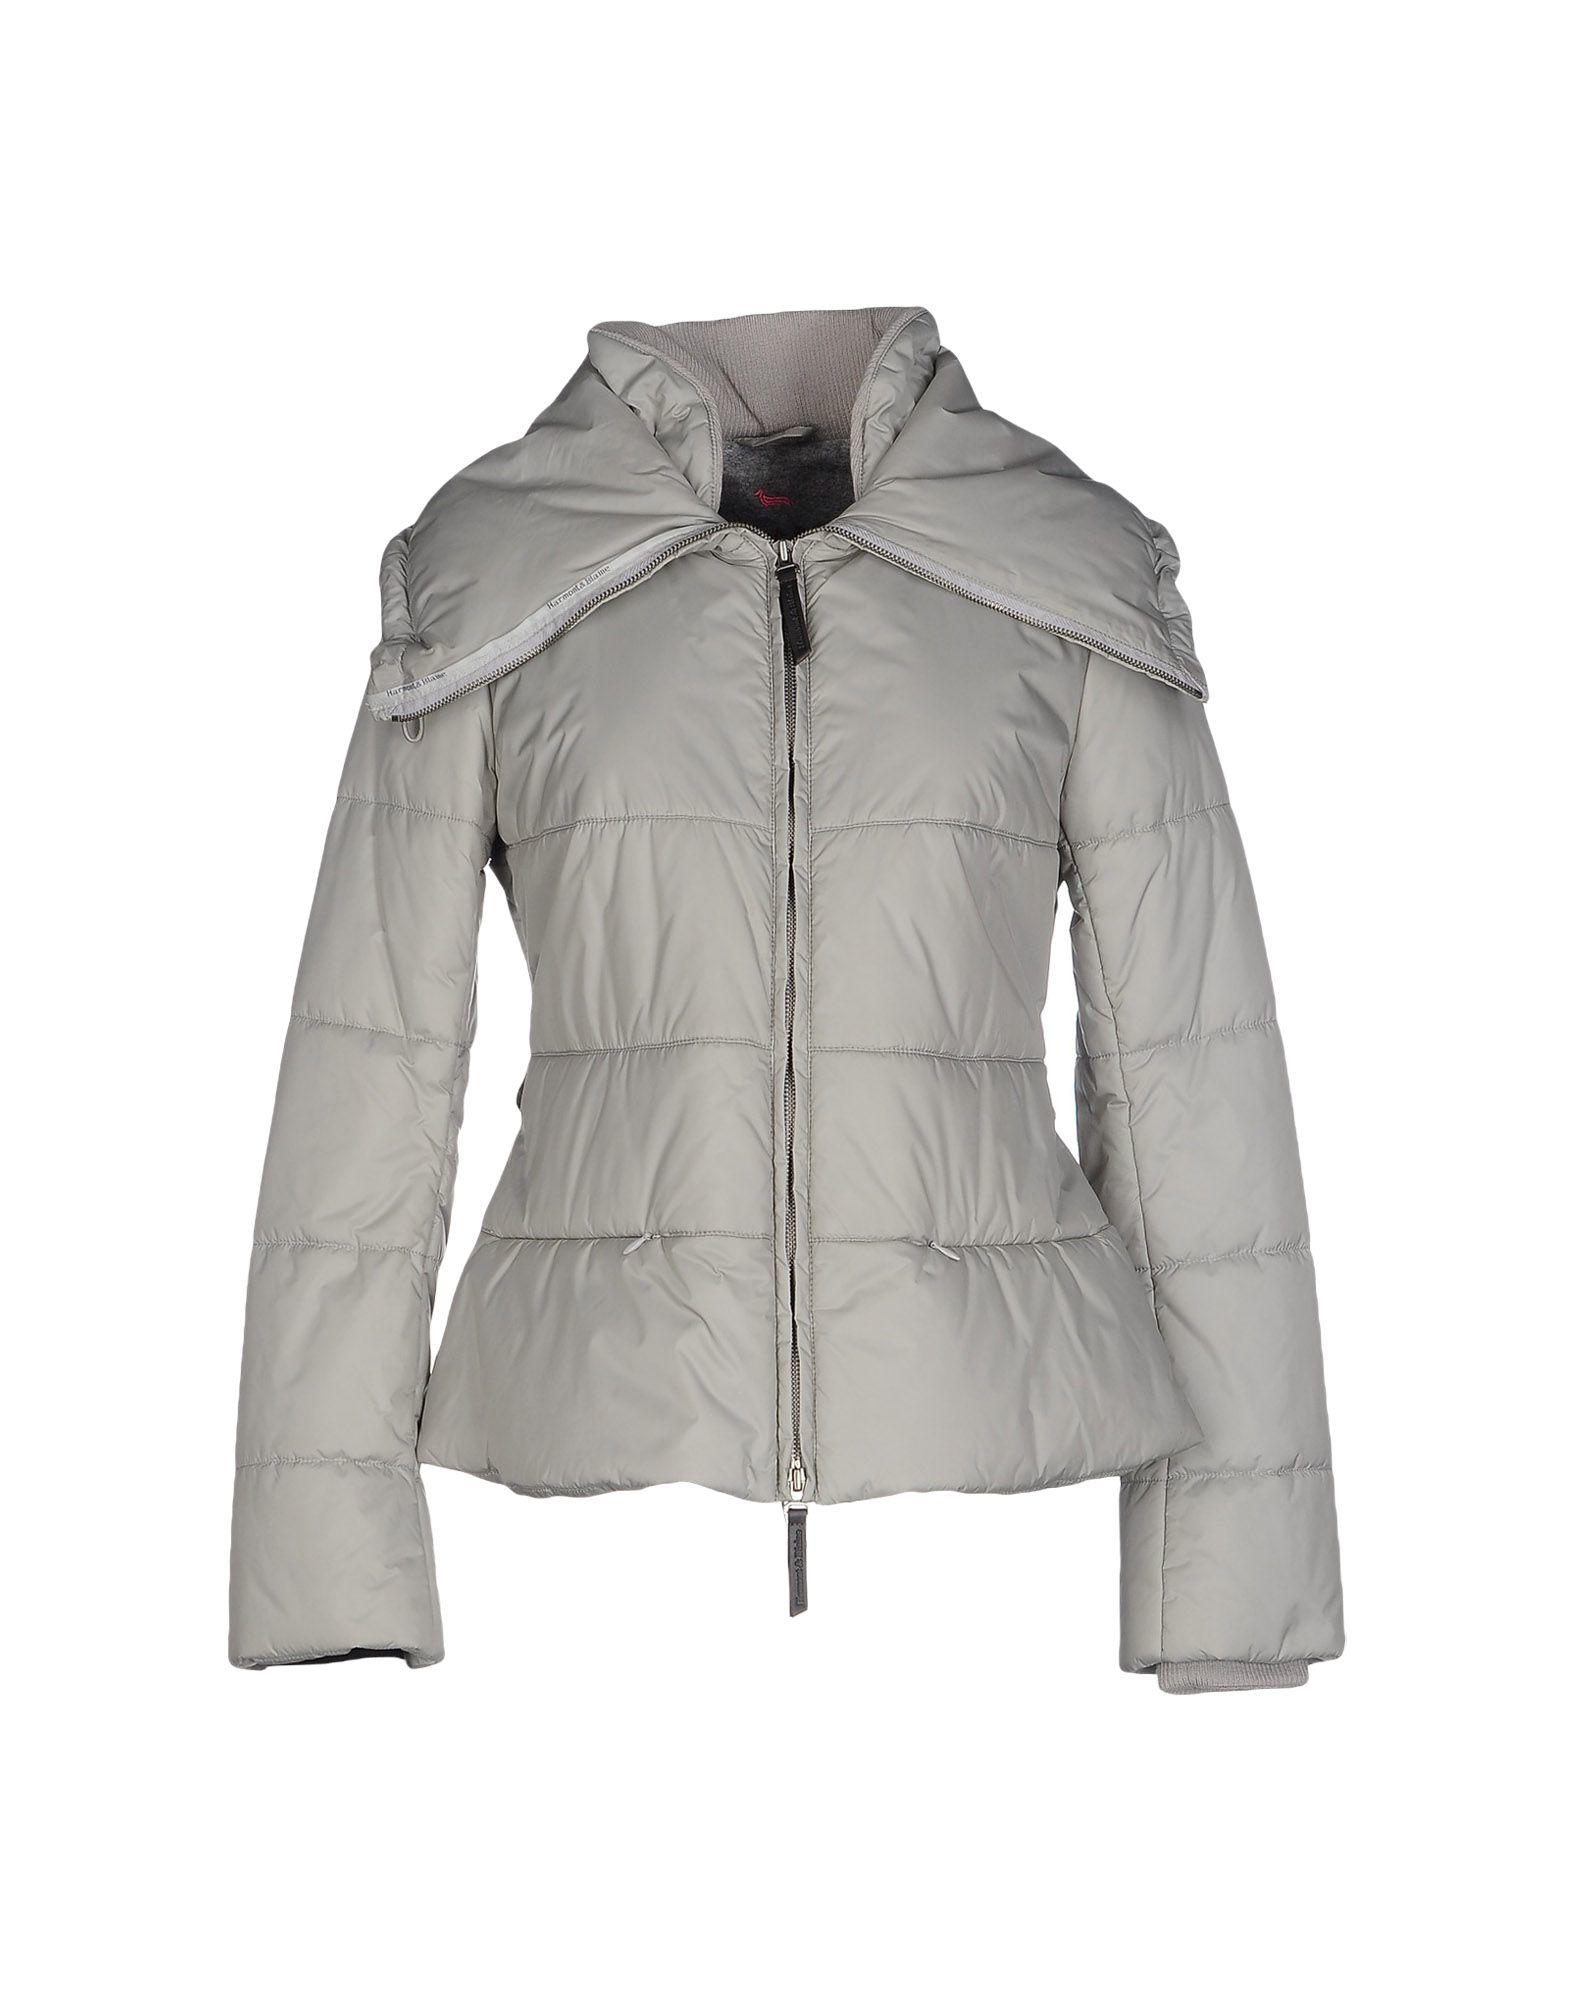 harmont and blaine jacket - photo #13